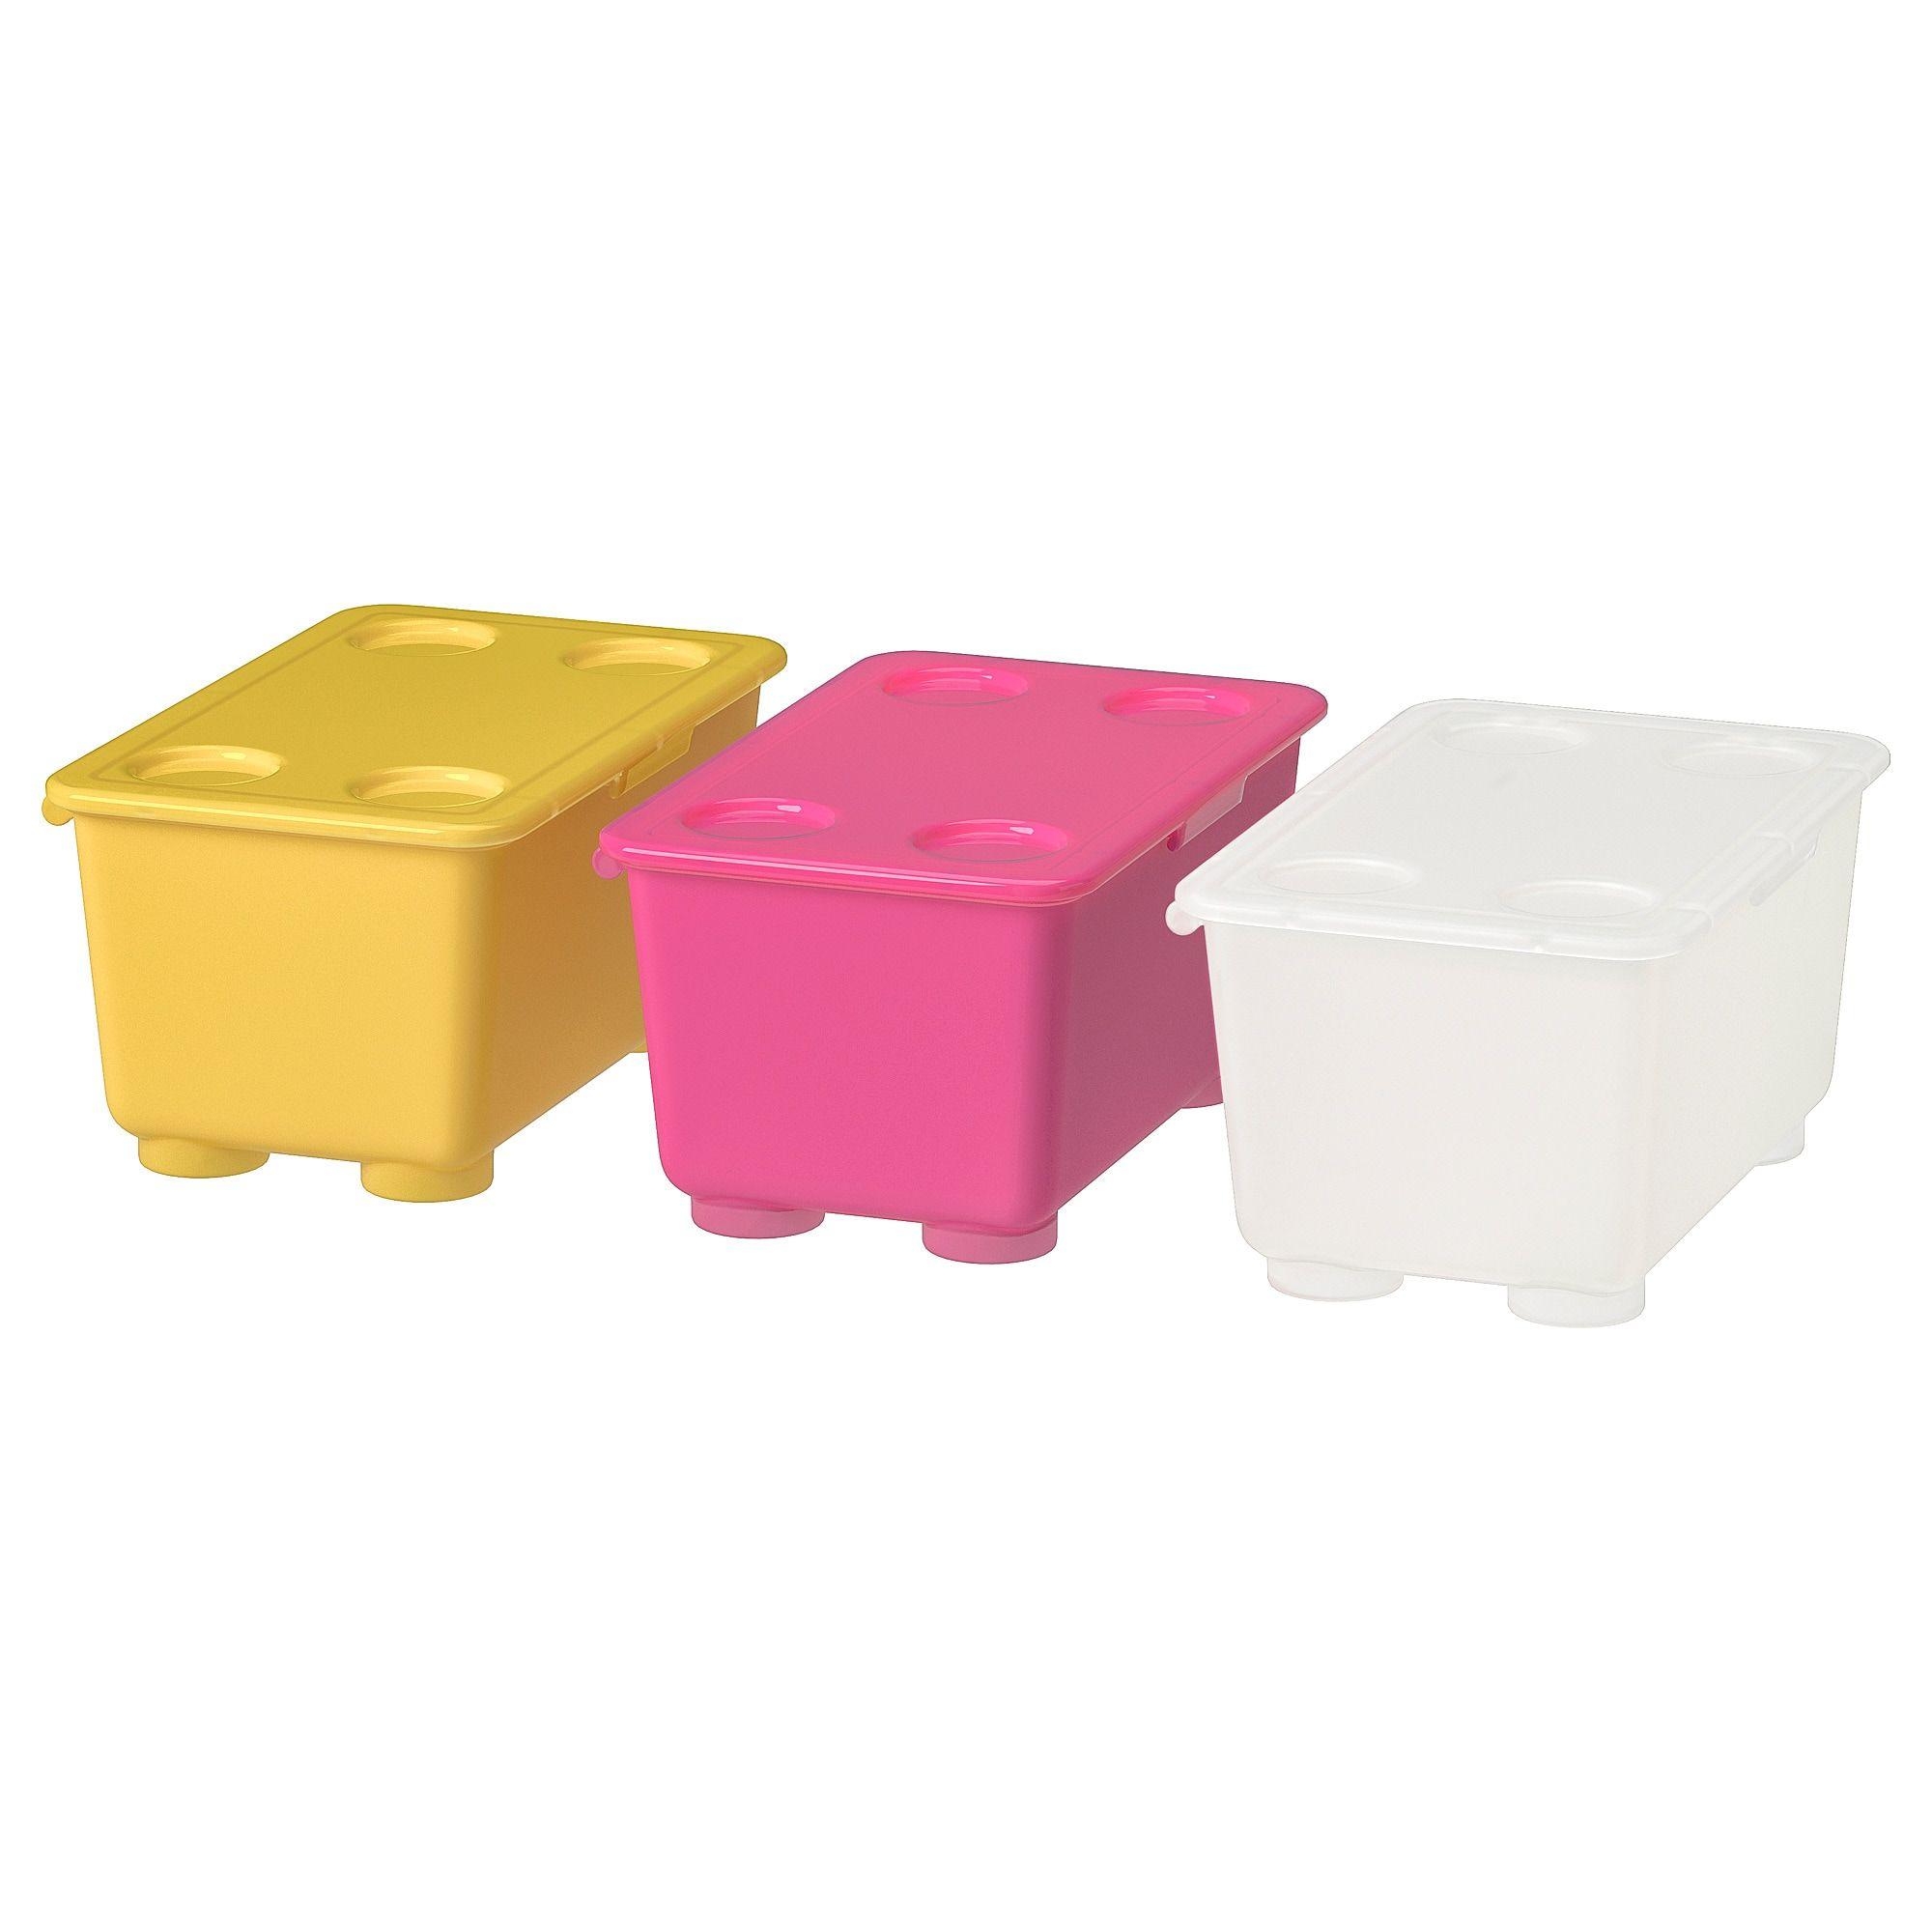 Glis Caja Con Tapa Rosa Blanco Amarillo 17x10 Cm Cajas Con